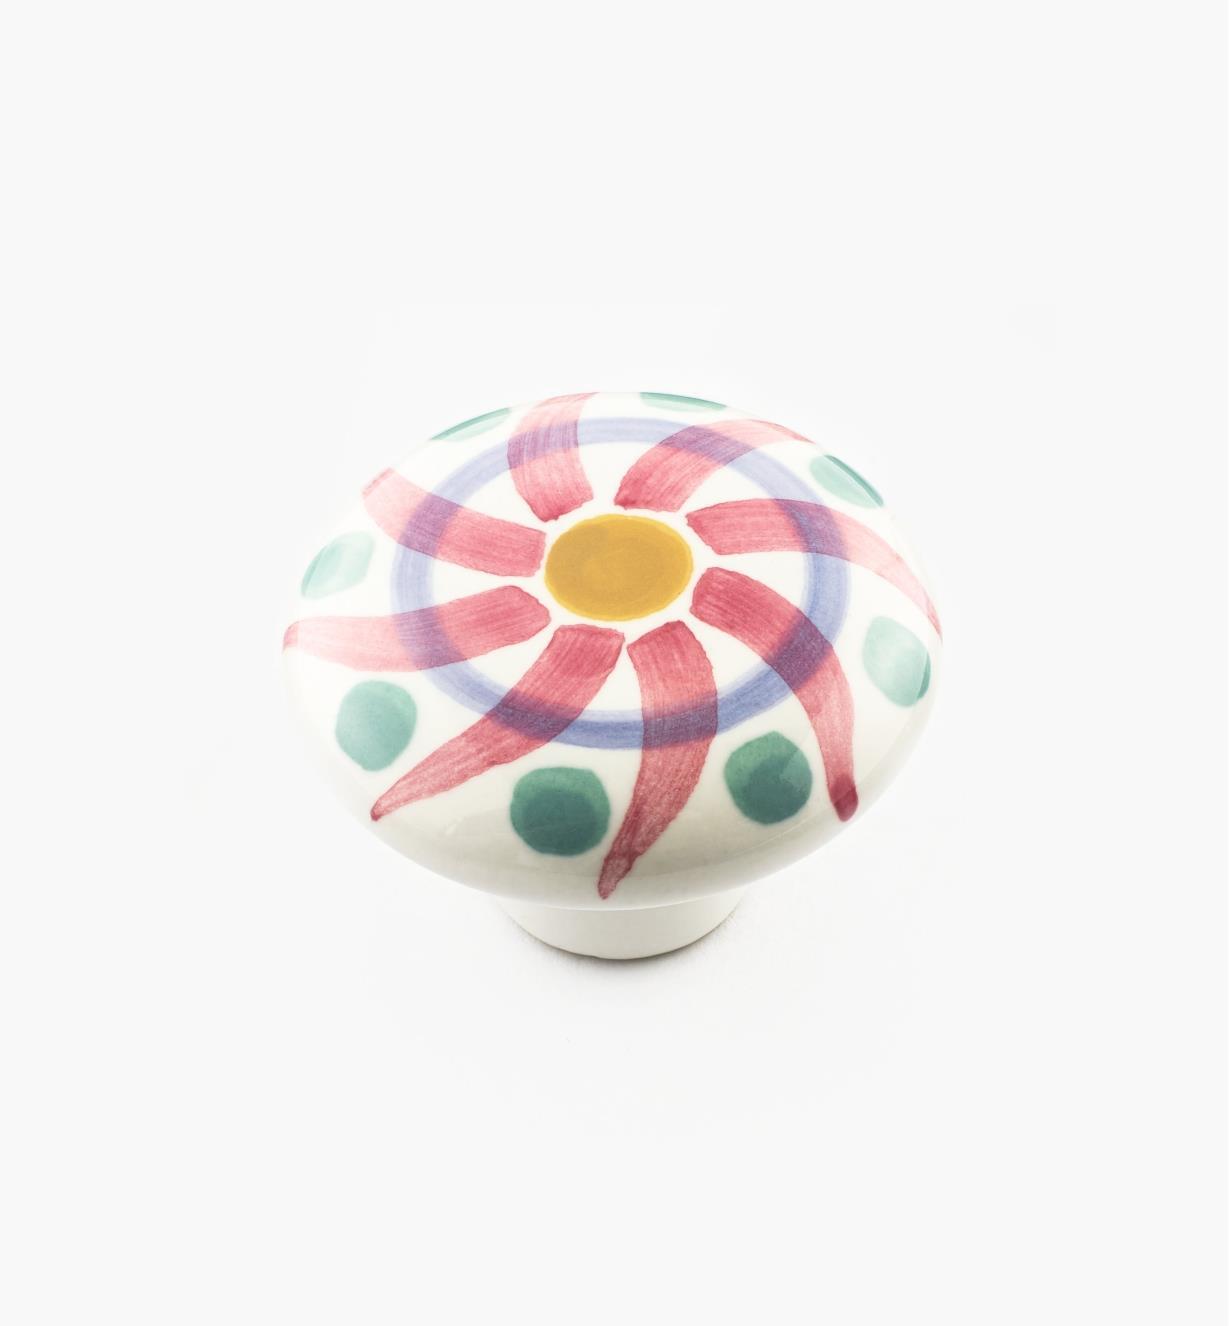 01W3102 - Red Swirl Knob